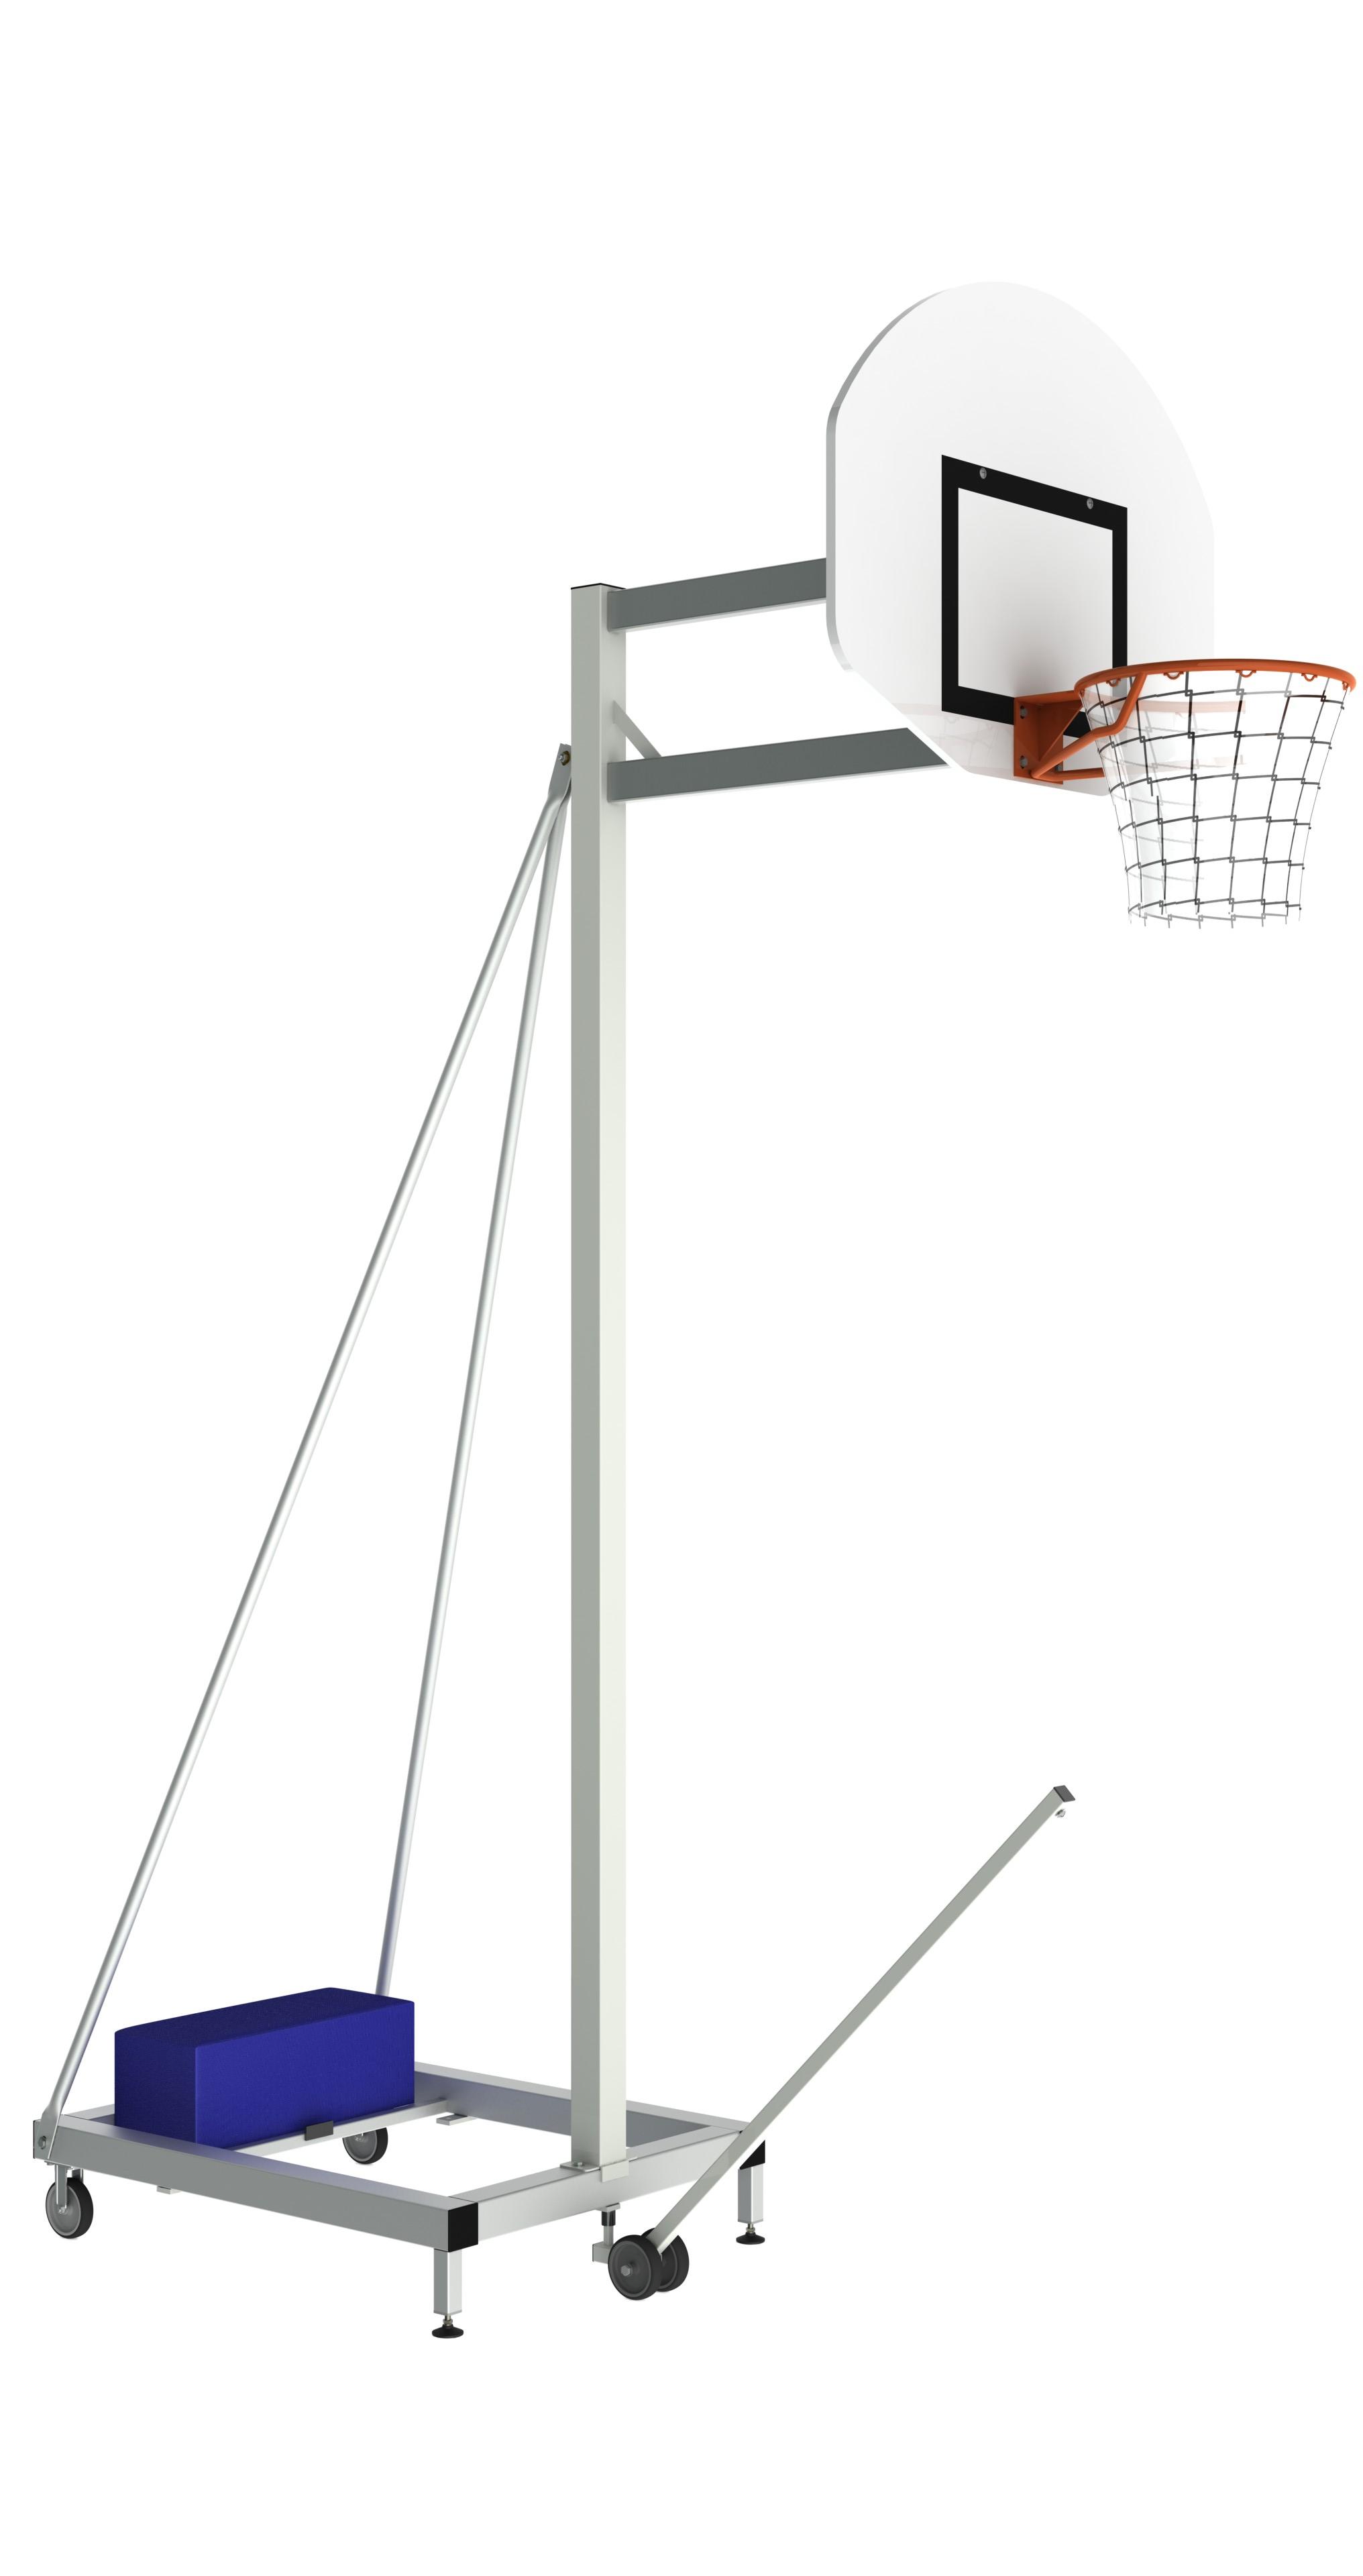 Image of   Basketball Portable Training Goal - 2,60 m - Udhæng 0,6 m